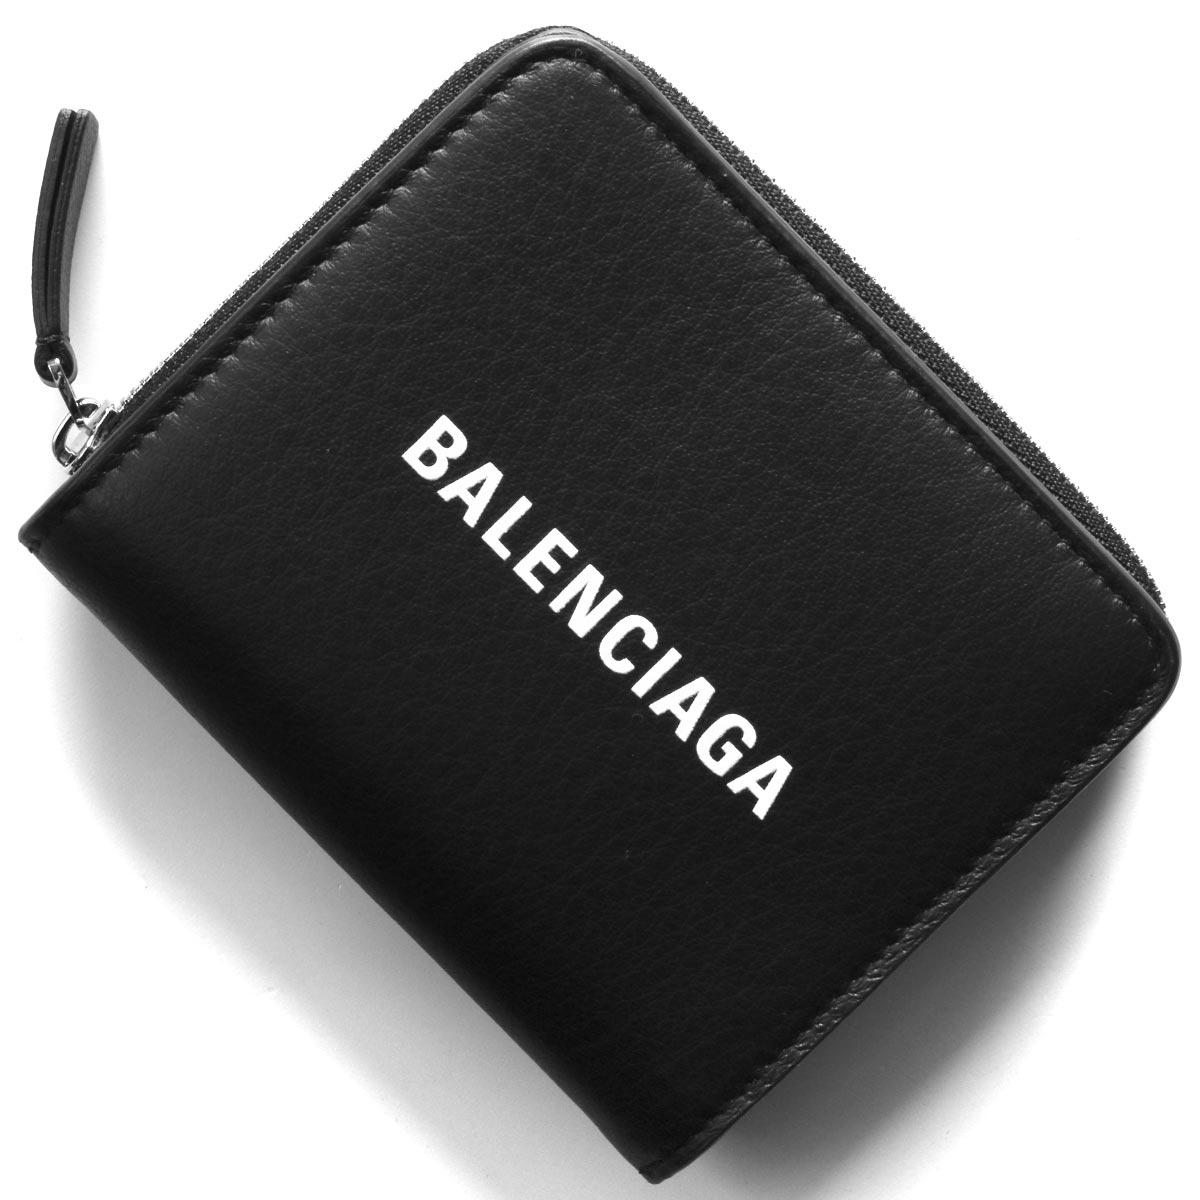 バレンシアガ 二つ折り財布 財布 レディース エブリディ ビルフォールド ブラック 551933 DLQ4N 1000 BALENCIAGA